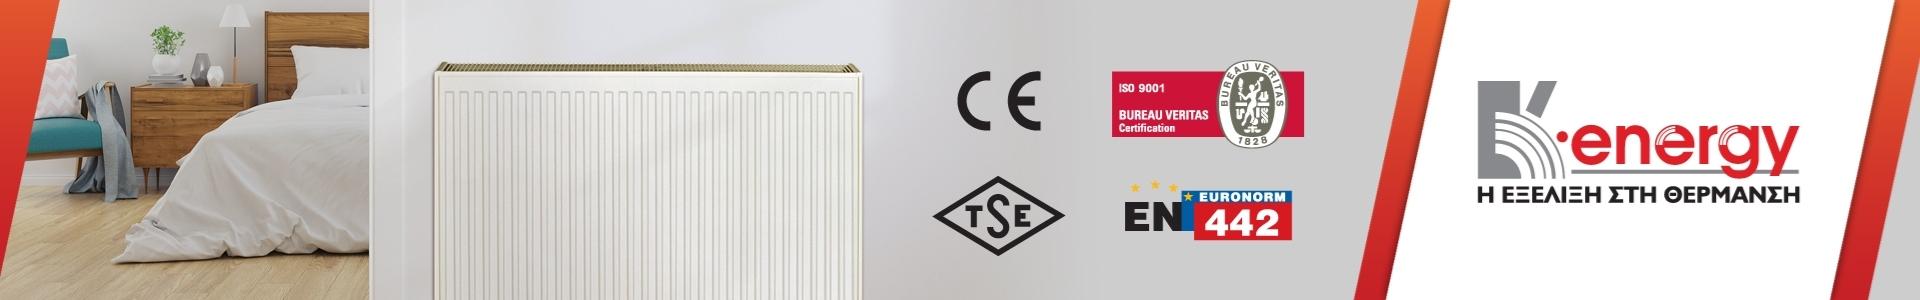 Εικόνα από Κ•energy: Χαλύβδινα Θερμαντικά Σώματα